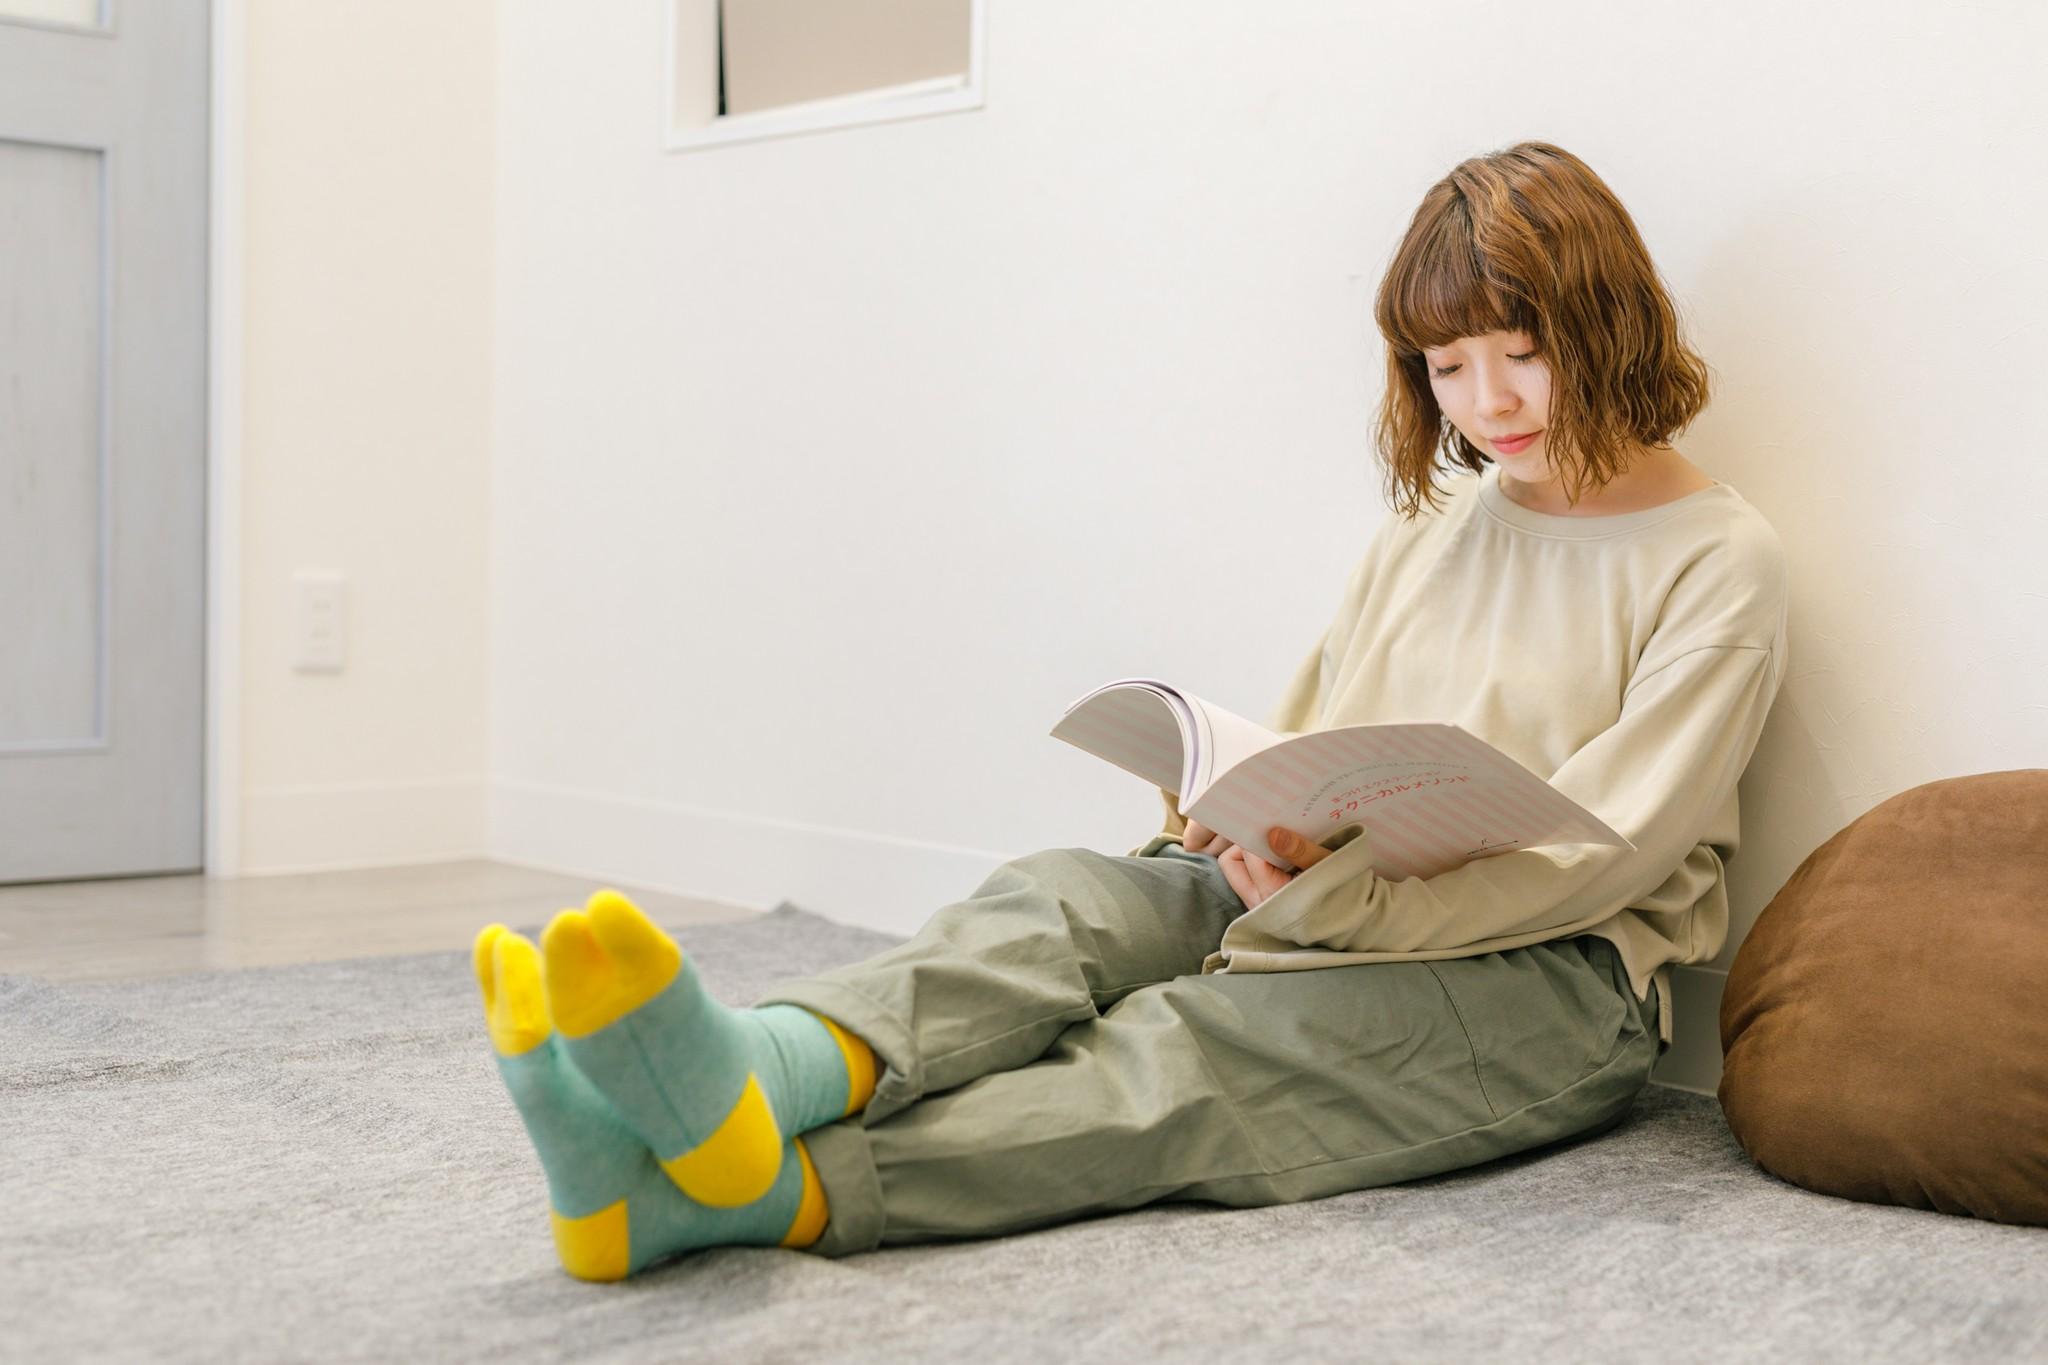 足もとから健康をサポートしてくれる足袋型の靴下「amitabi」